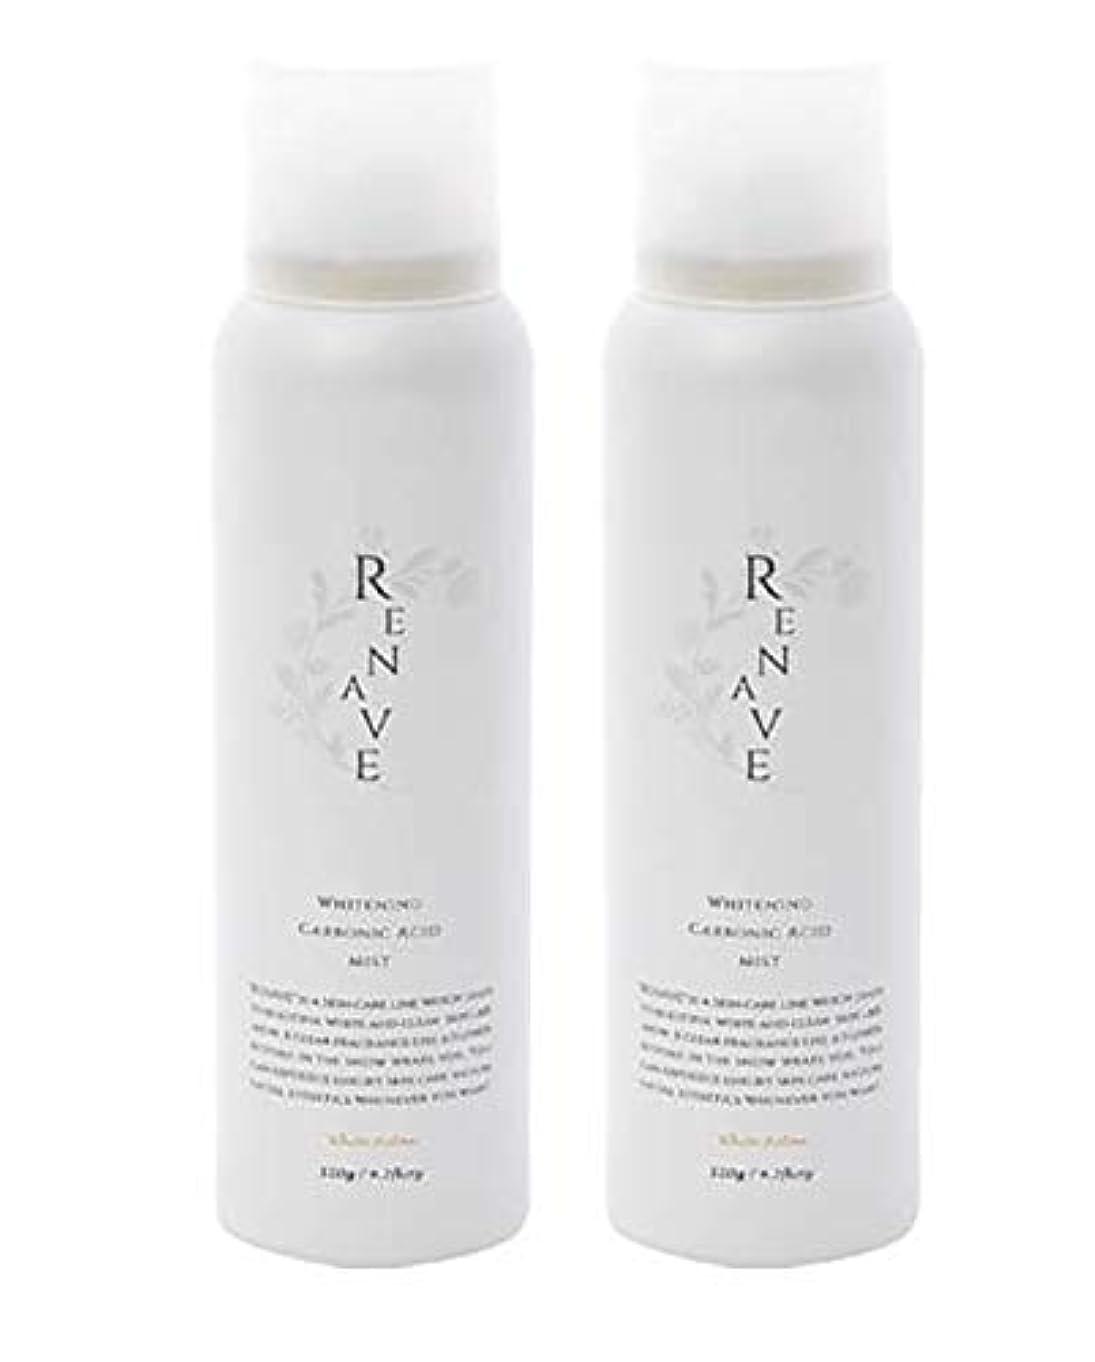 貨物飽和する入学するRENAVE(リネーヴェ) 高濃度炭酸ミスト 薬用美白化粧水 120ml 2本セット